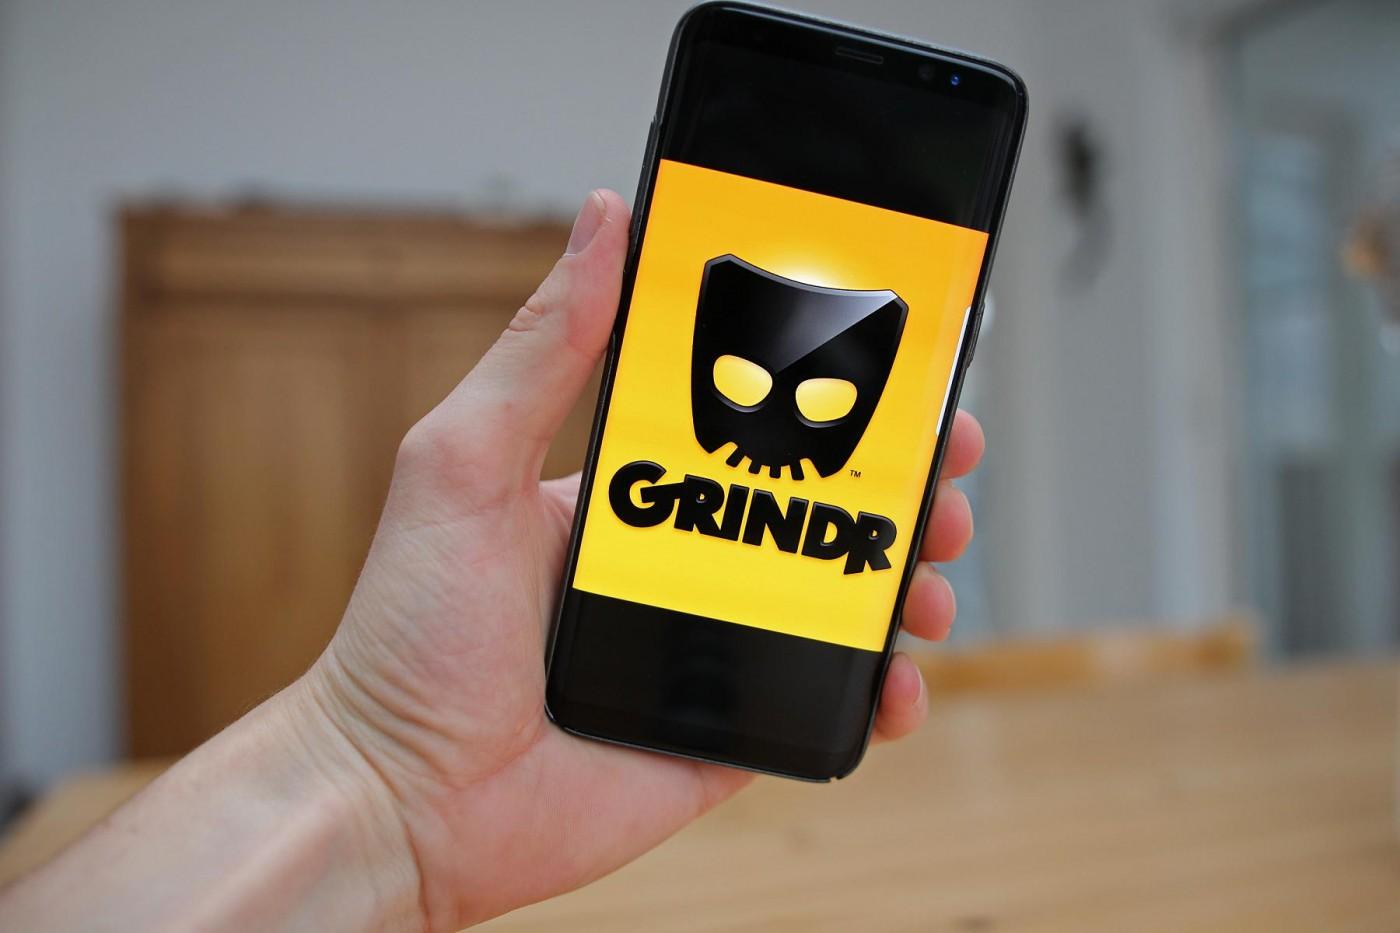 擁抱粉紅經濟,中國遊戲公司砸45億買下全球最大同志平台Grindr